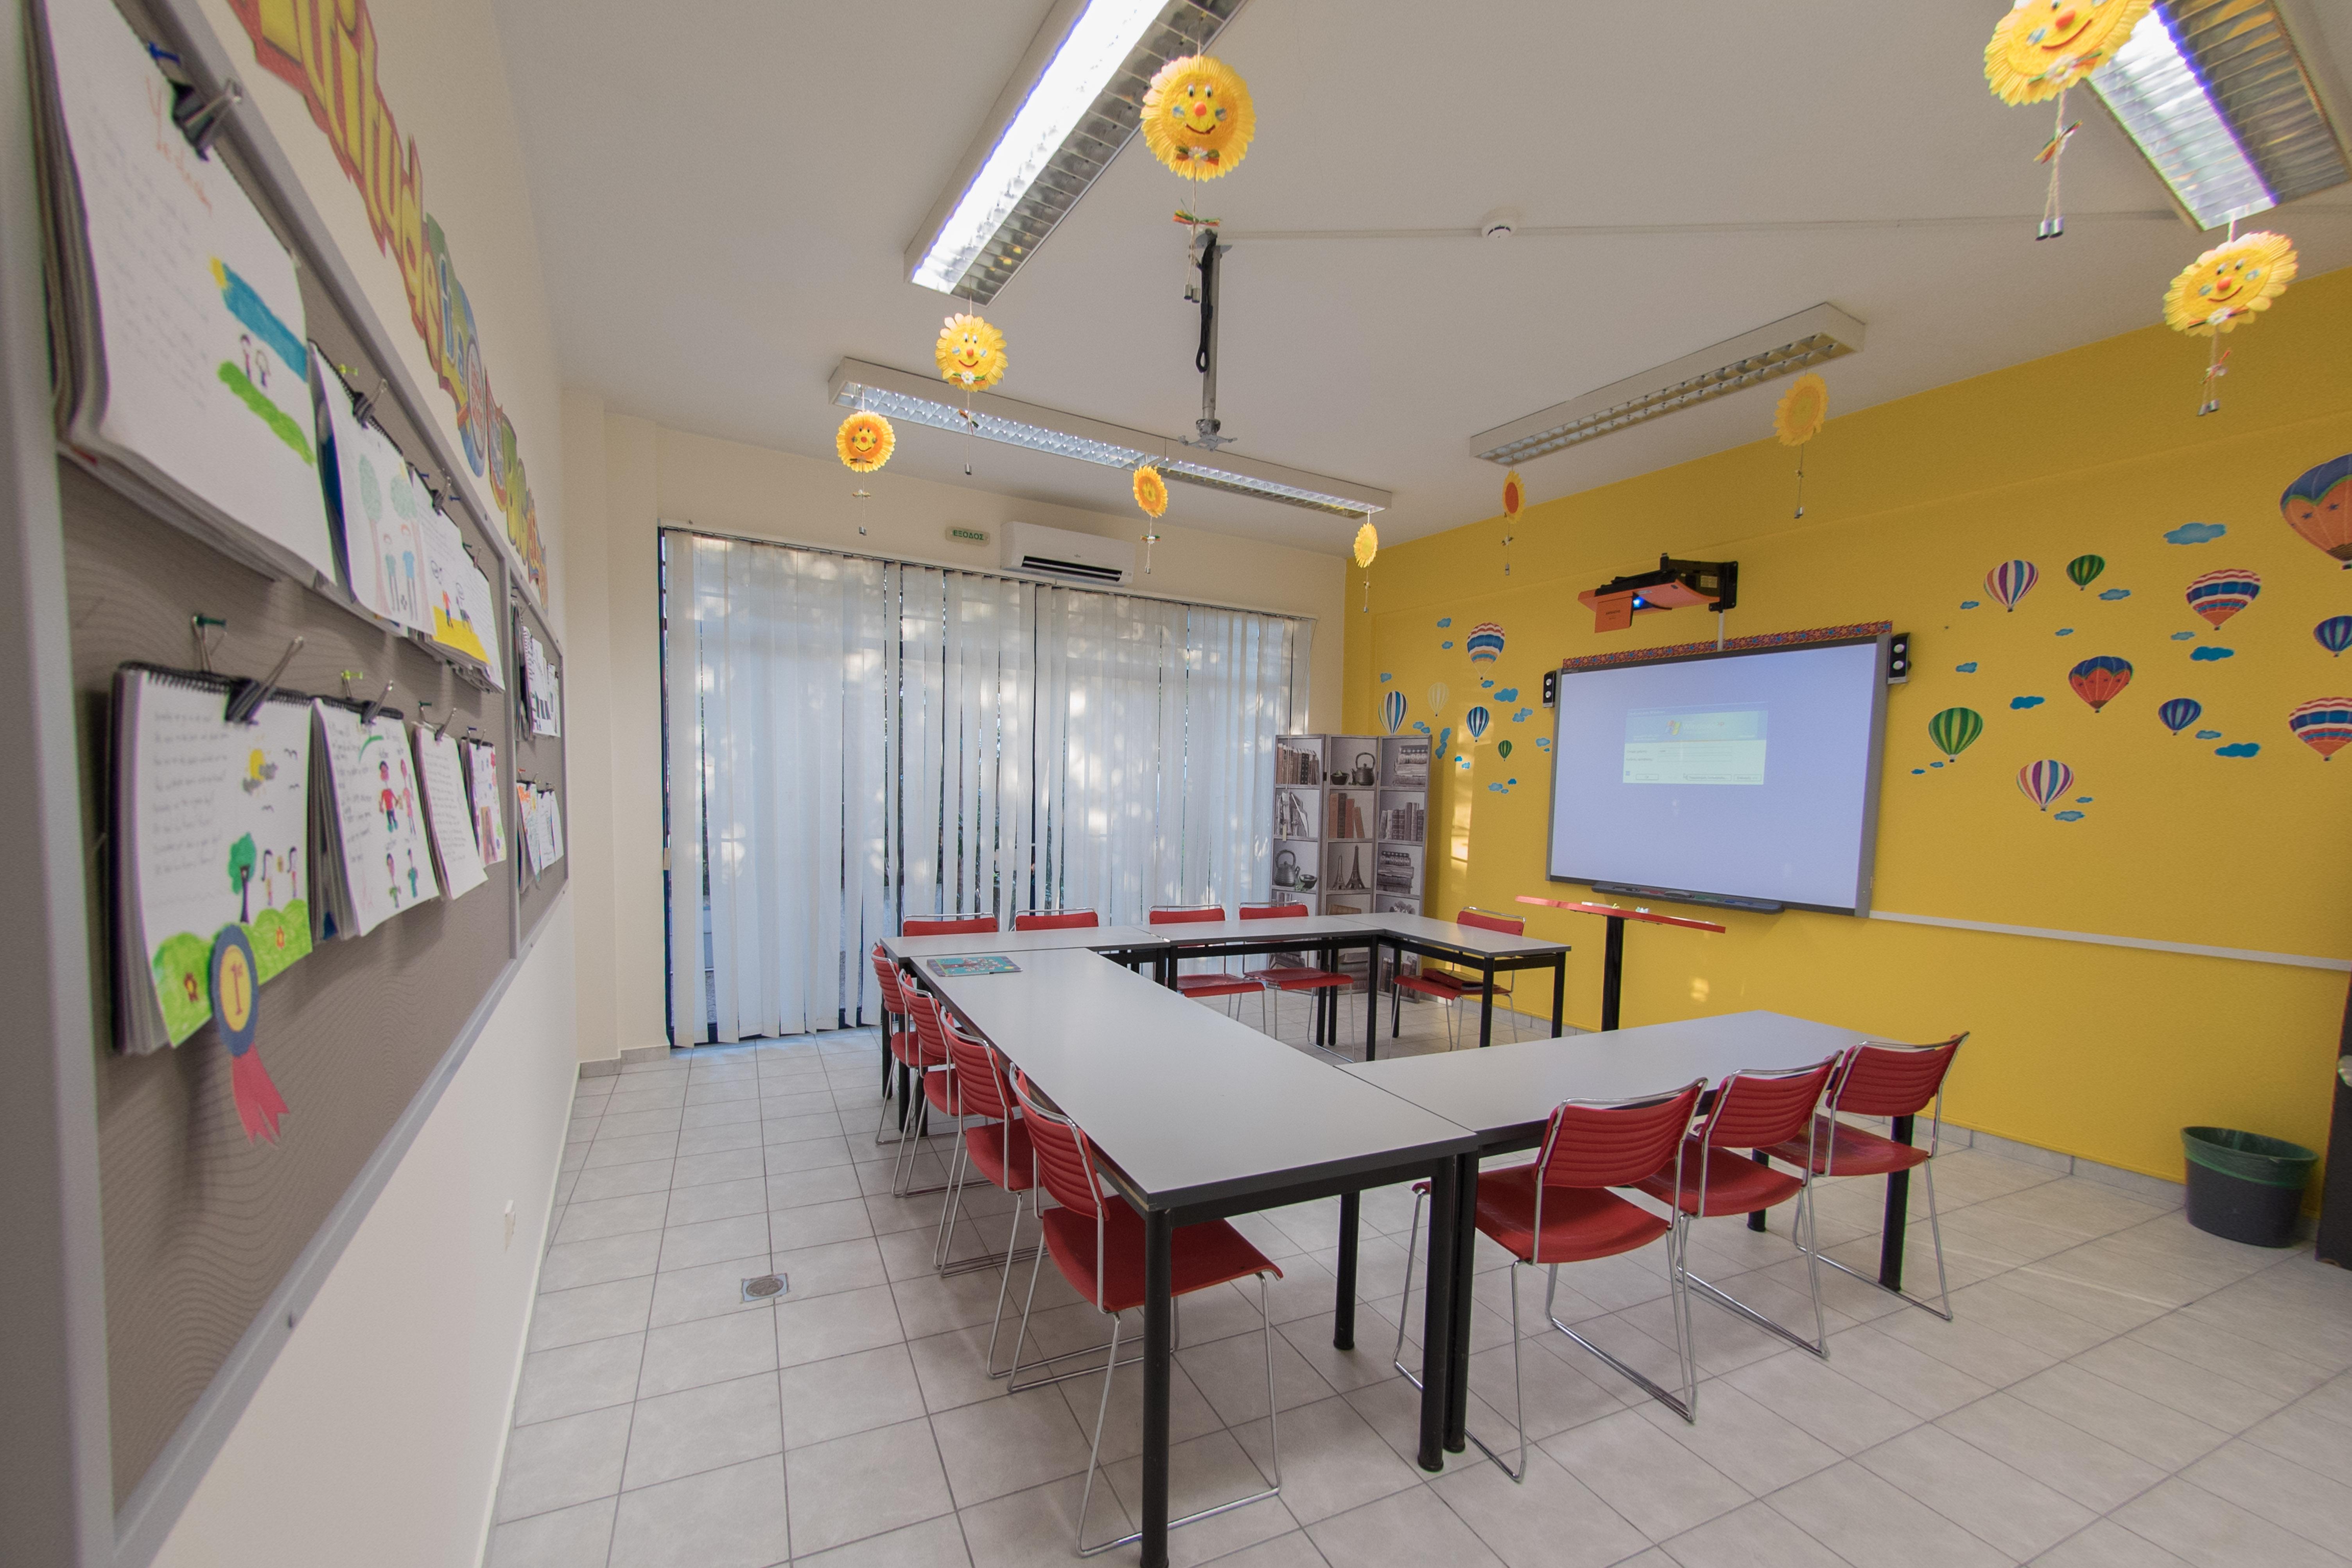 Αίθουσα 1 κεντρικού σχολείου